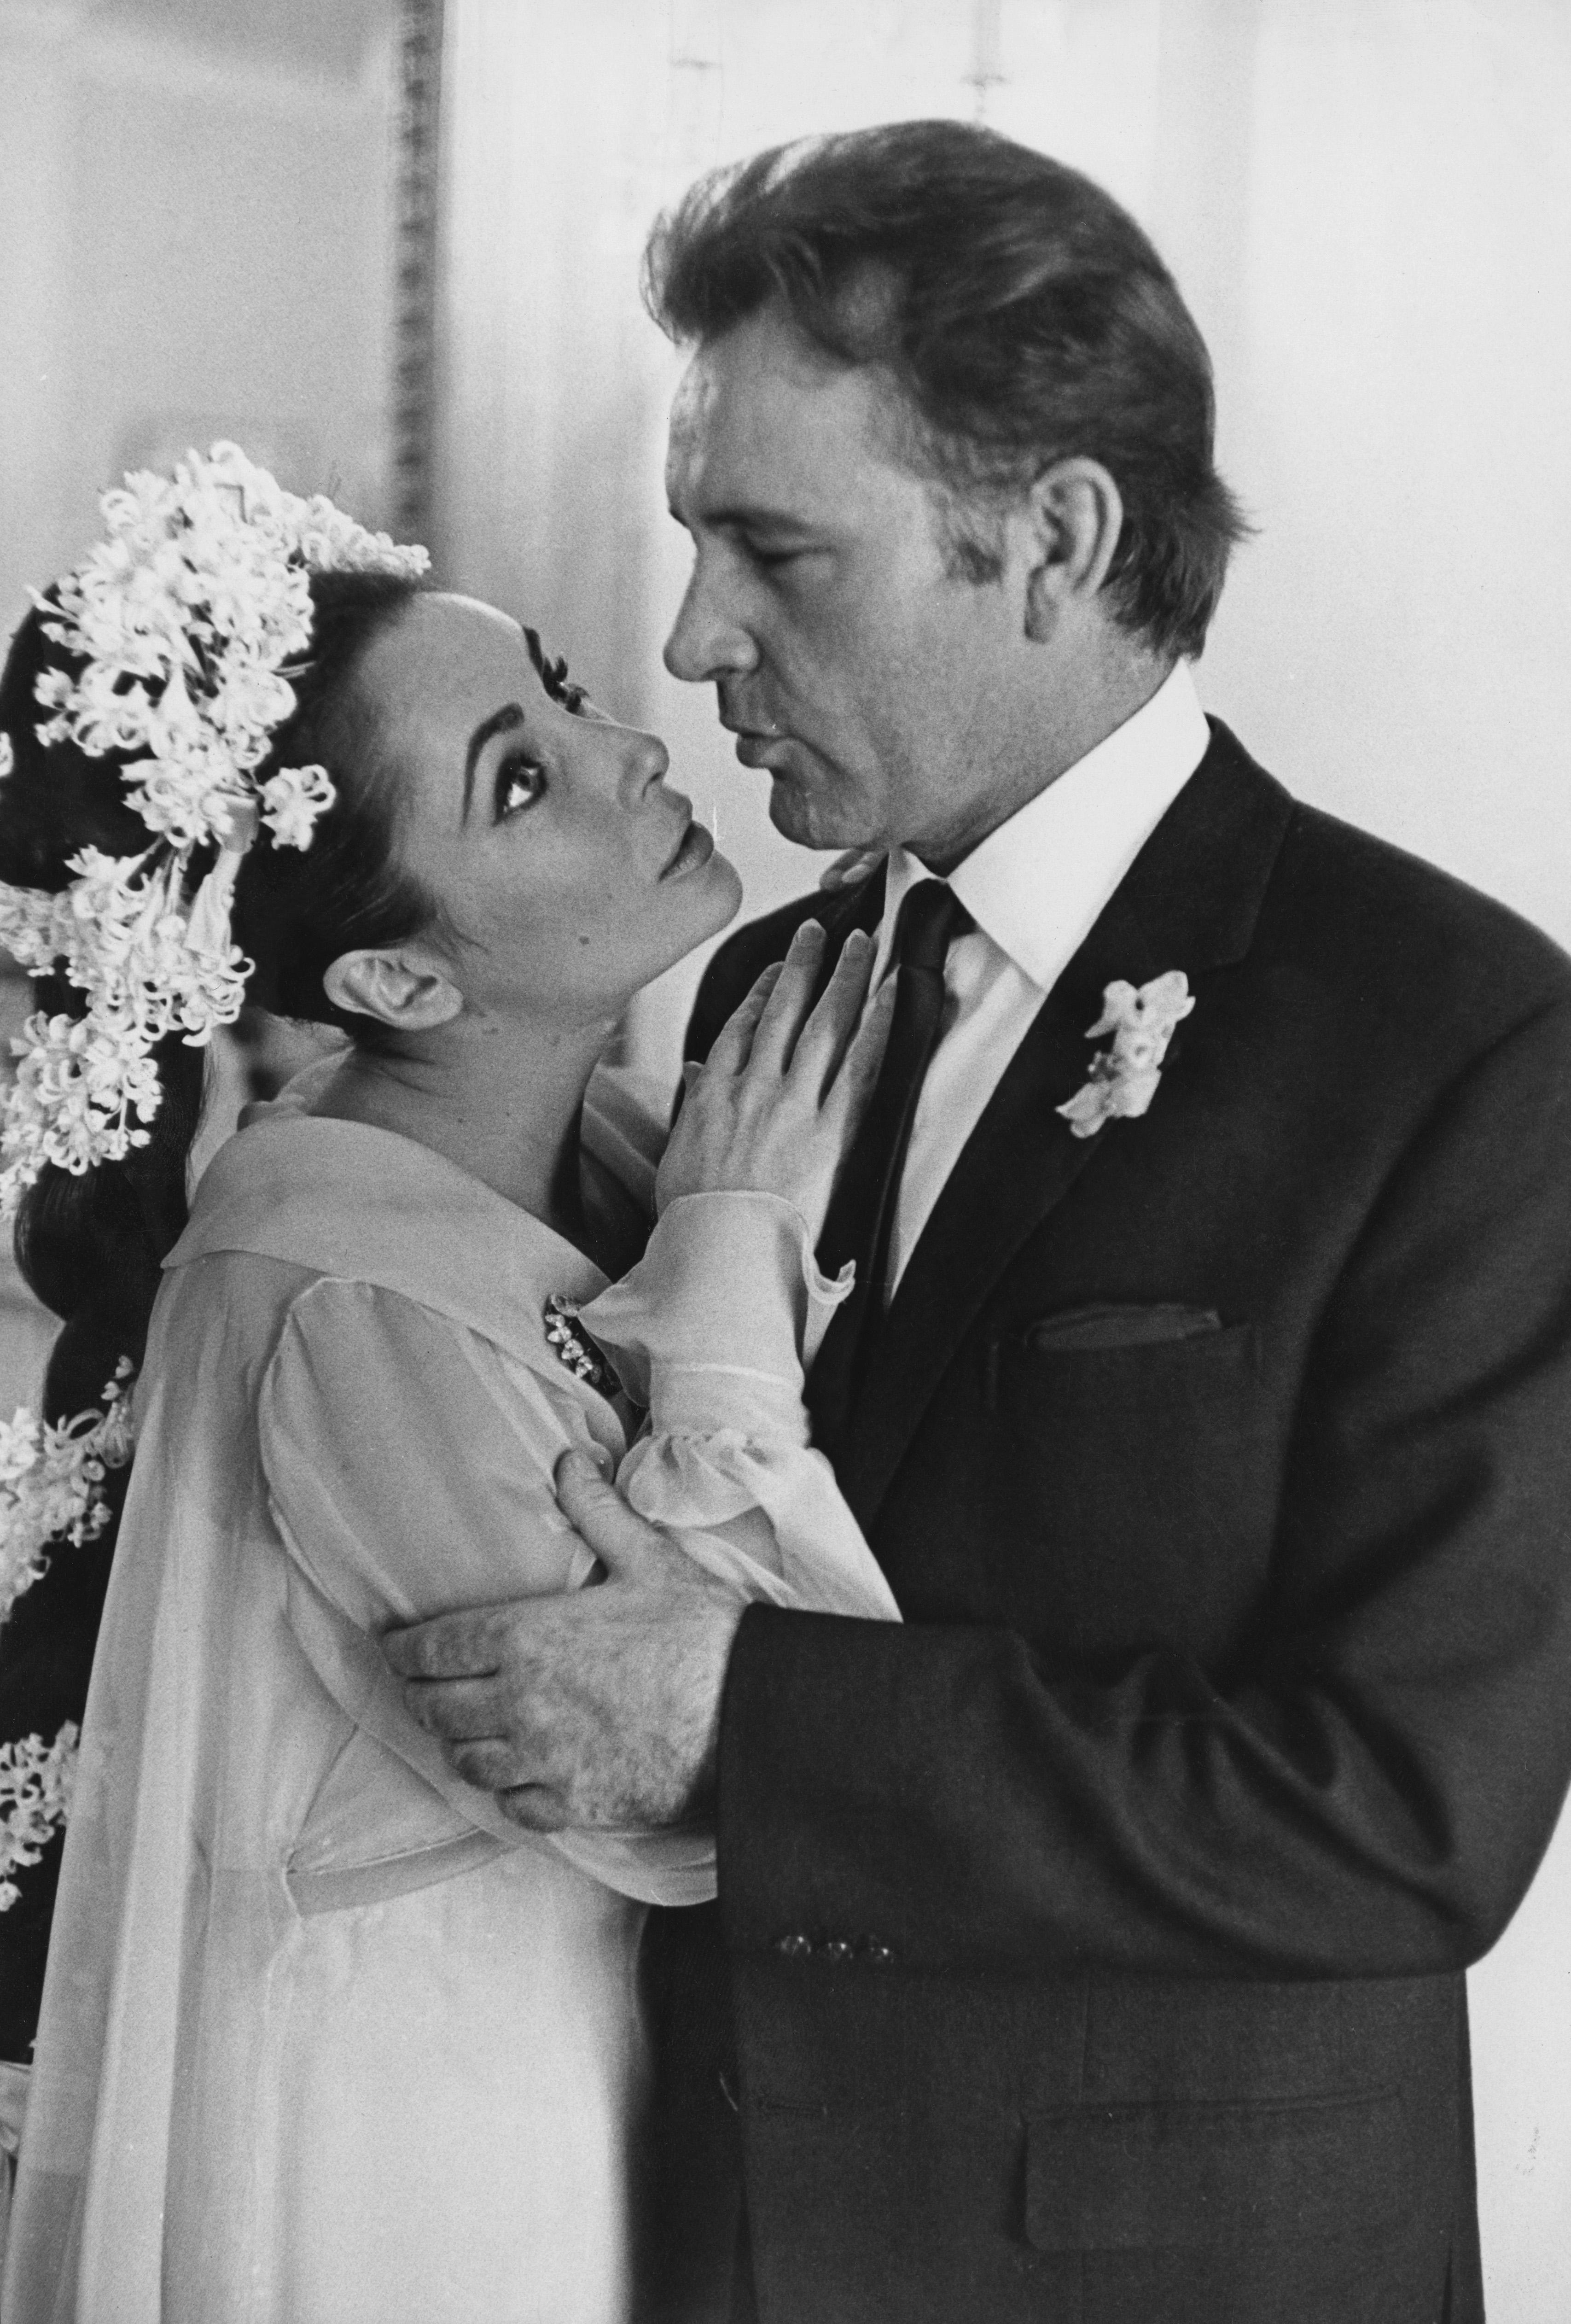 <p><strong>Елизабет Тейлър</strong>&nbsp;- Тя&nbsp;се среща с Ричард Бъртън на снимачната площадка на филма &quot;Клеопатра&quot;. Двамата се женят на 15 март 1964 г. Влюбените звезди снимат 11 филма заедно, преди да се разведат през юни 1974 г. Но историята им не приключва дотук, защото те се женят отново през октомври 1975 г. в Ботсвана. Вторият развод идва през юли 1976 г.</p>